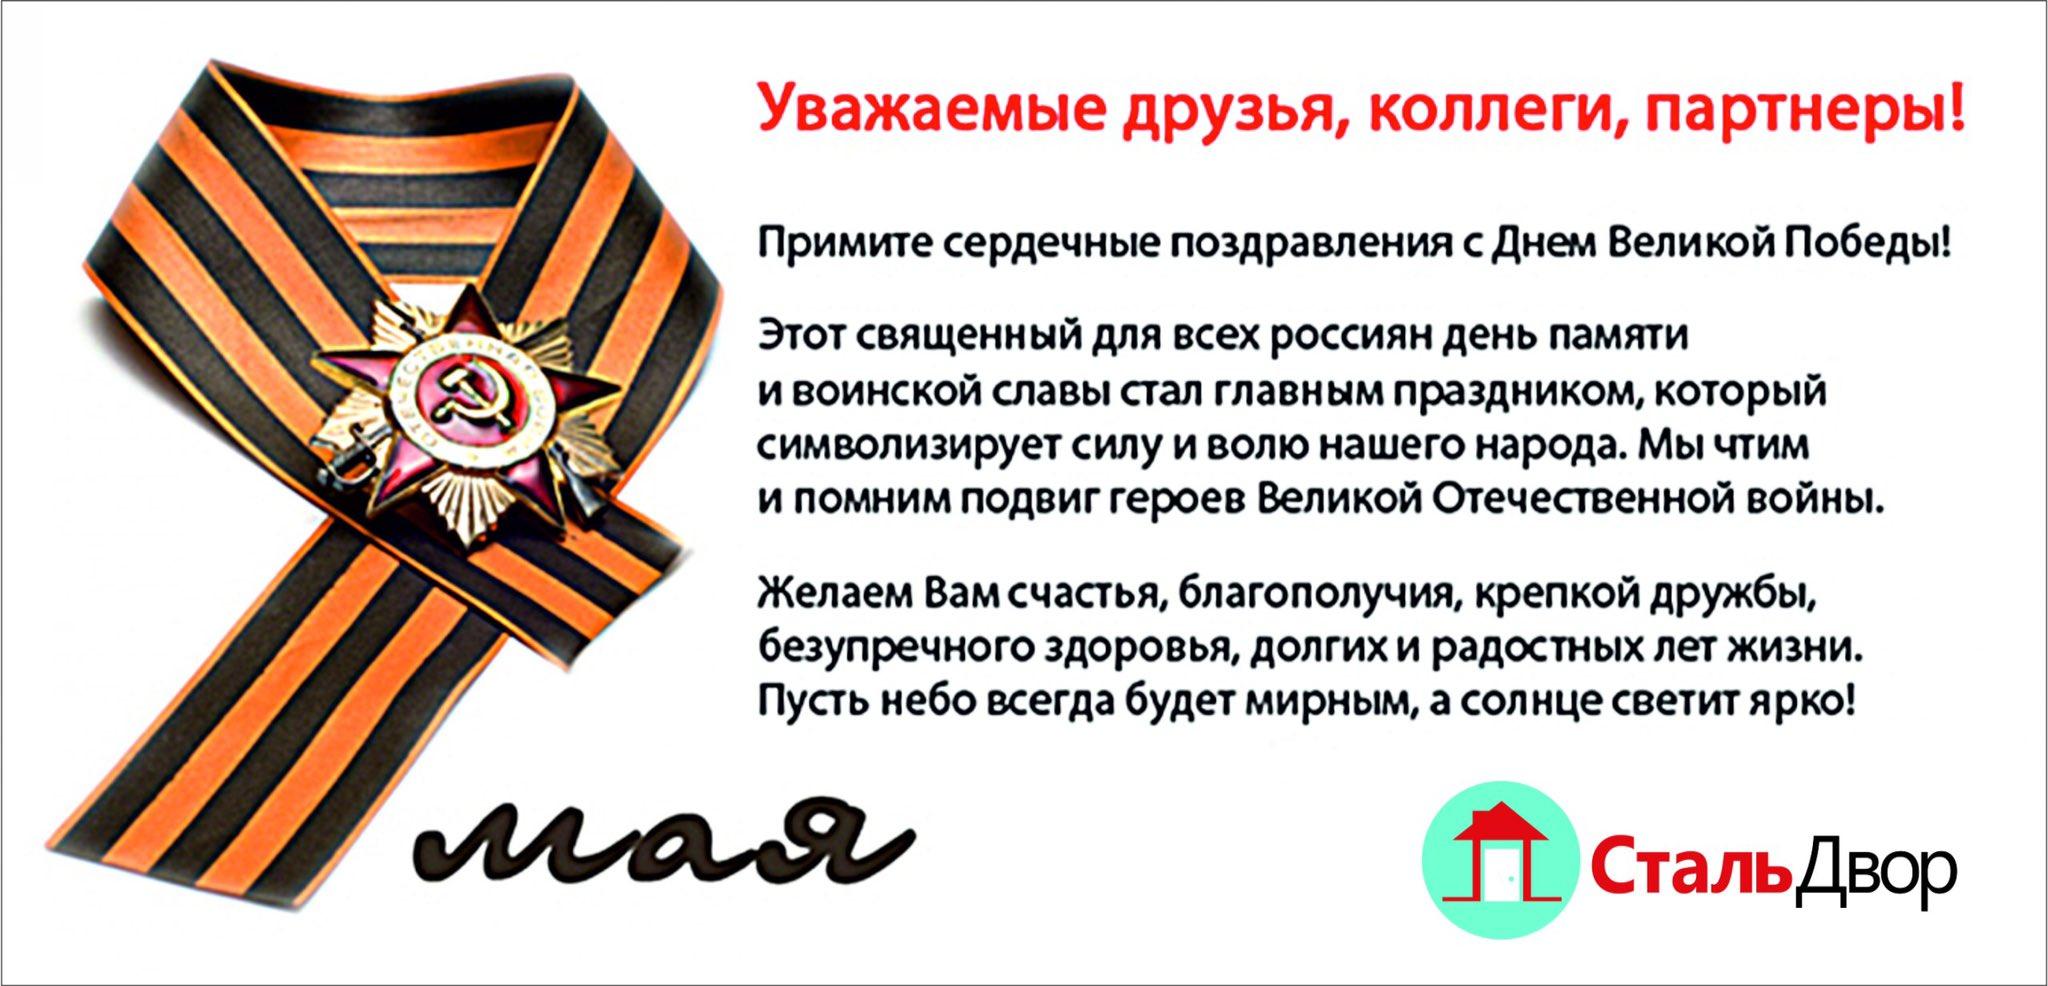 Поздравления официальные с 9 мая открытки